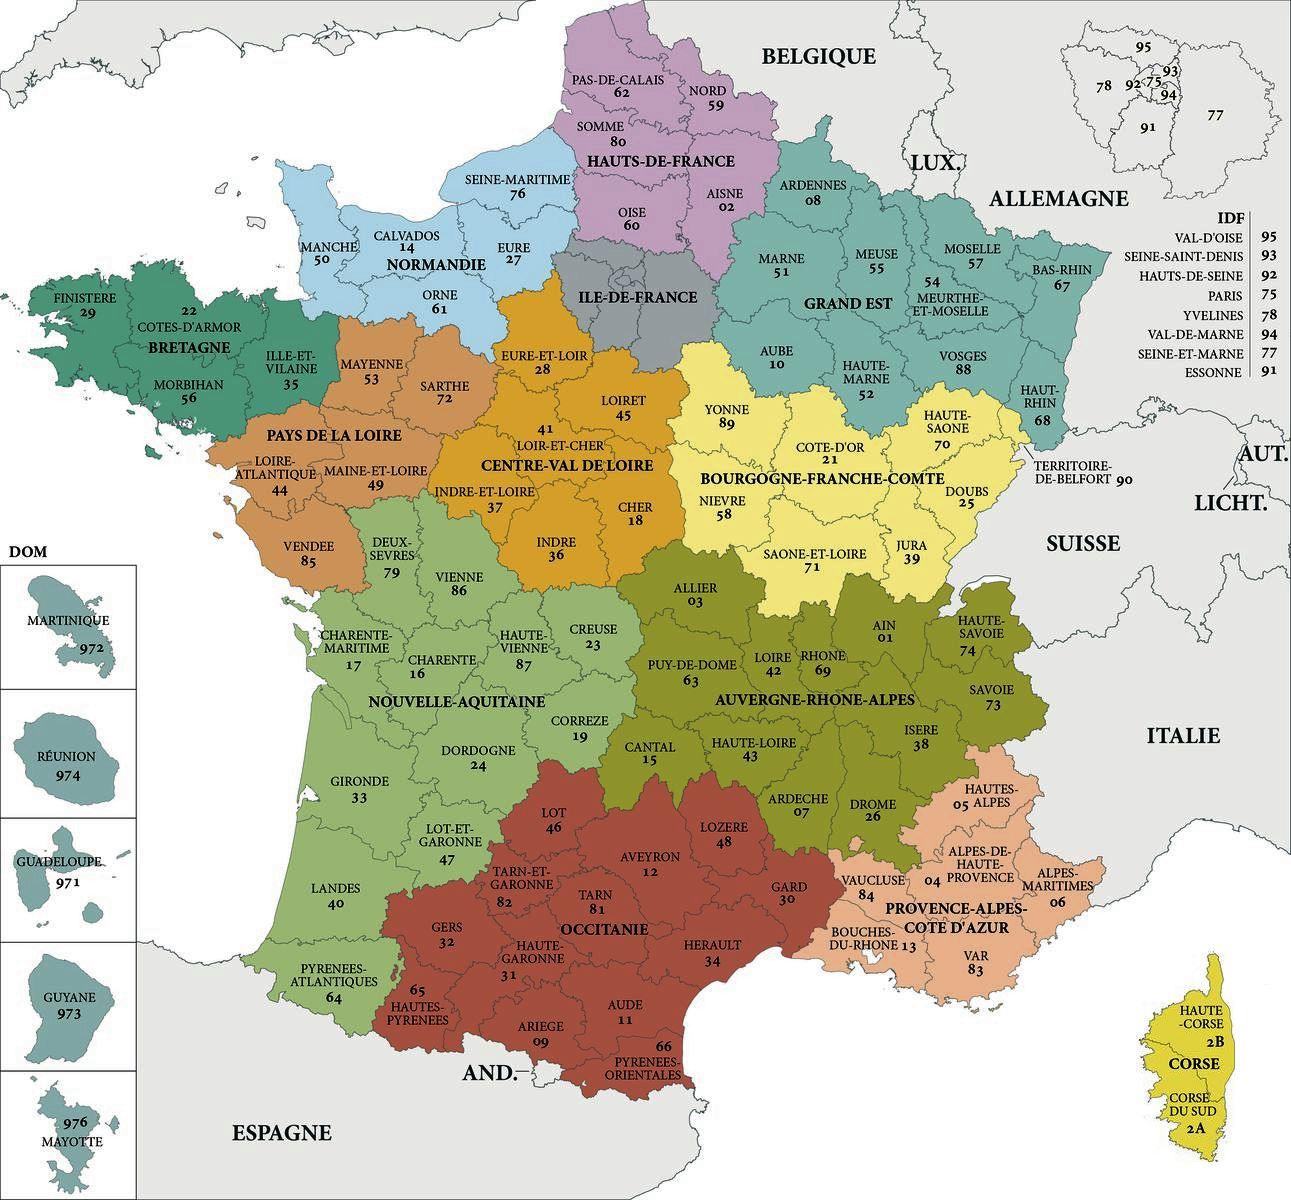 Carte De France Des Regions : Carte Des Régions De France intérieur Nouvelle Carte Des Régions De France